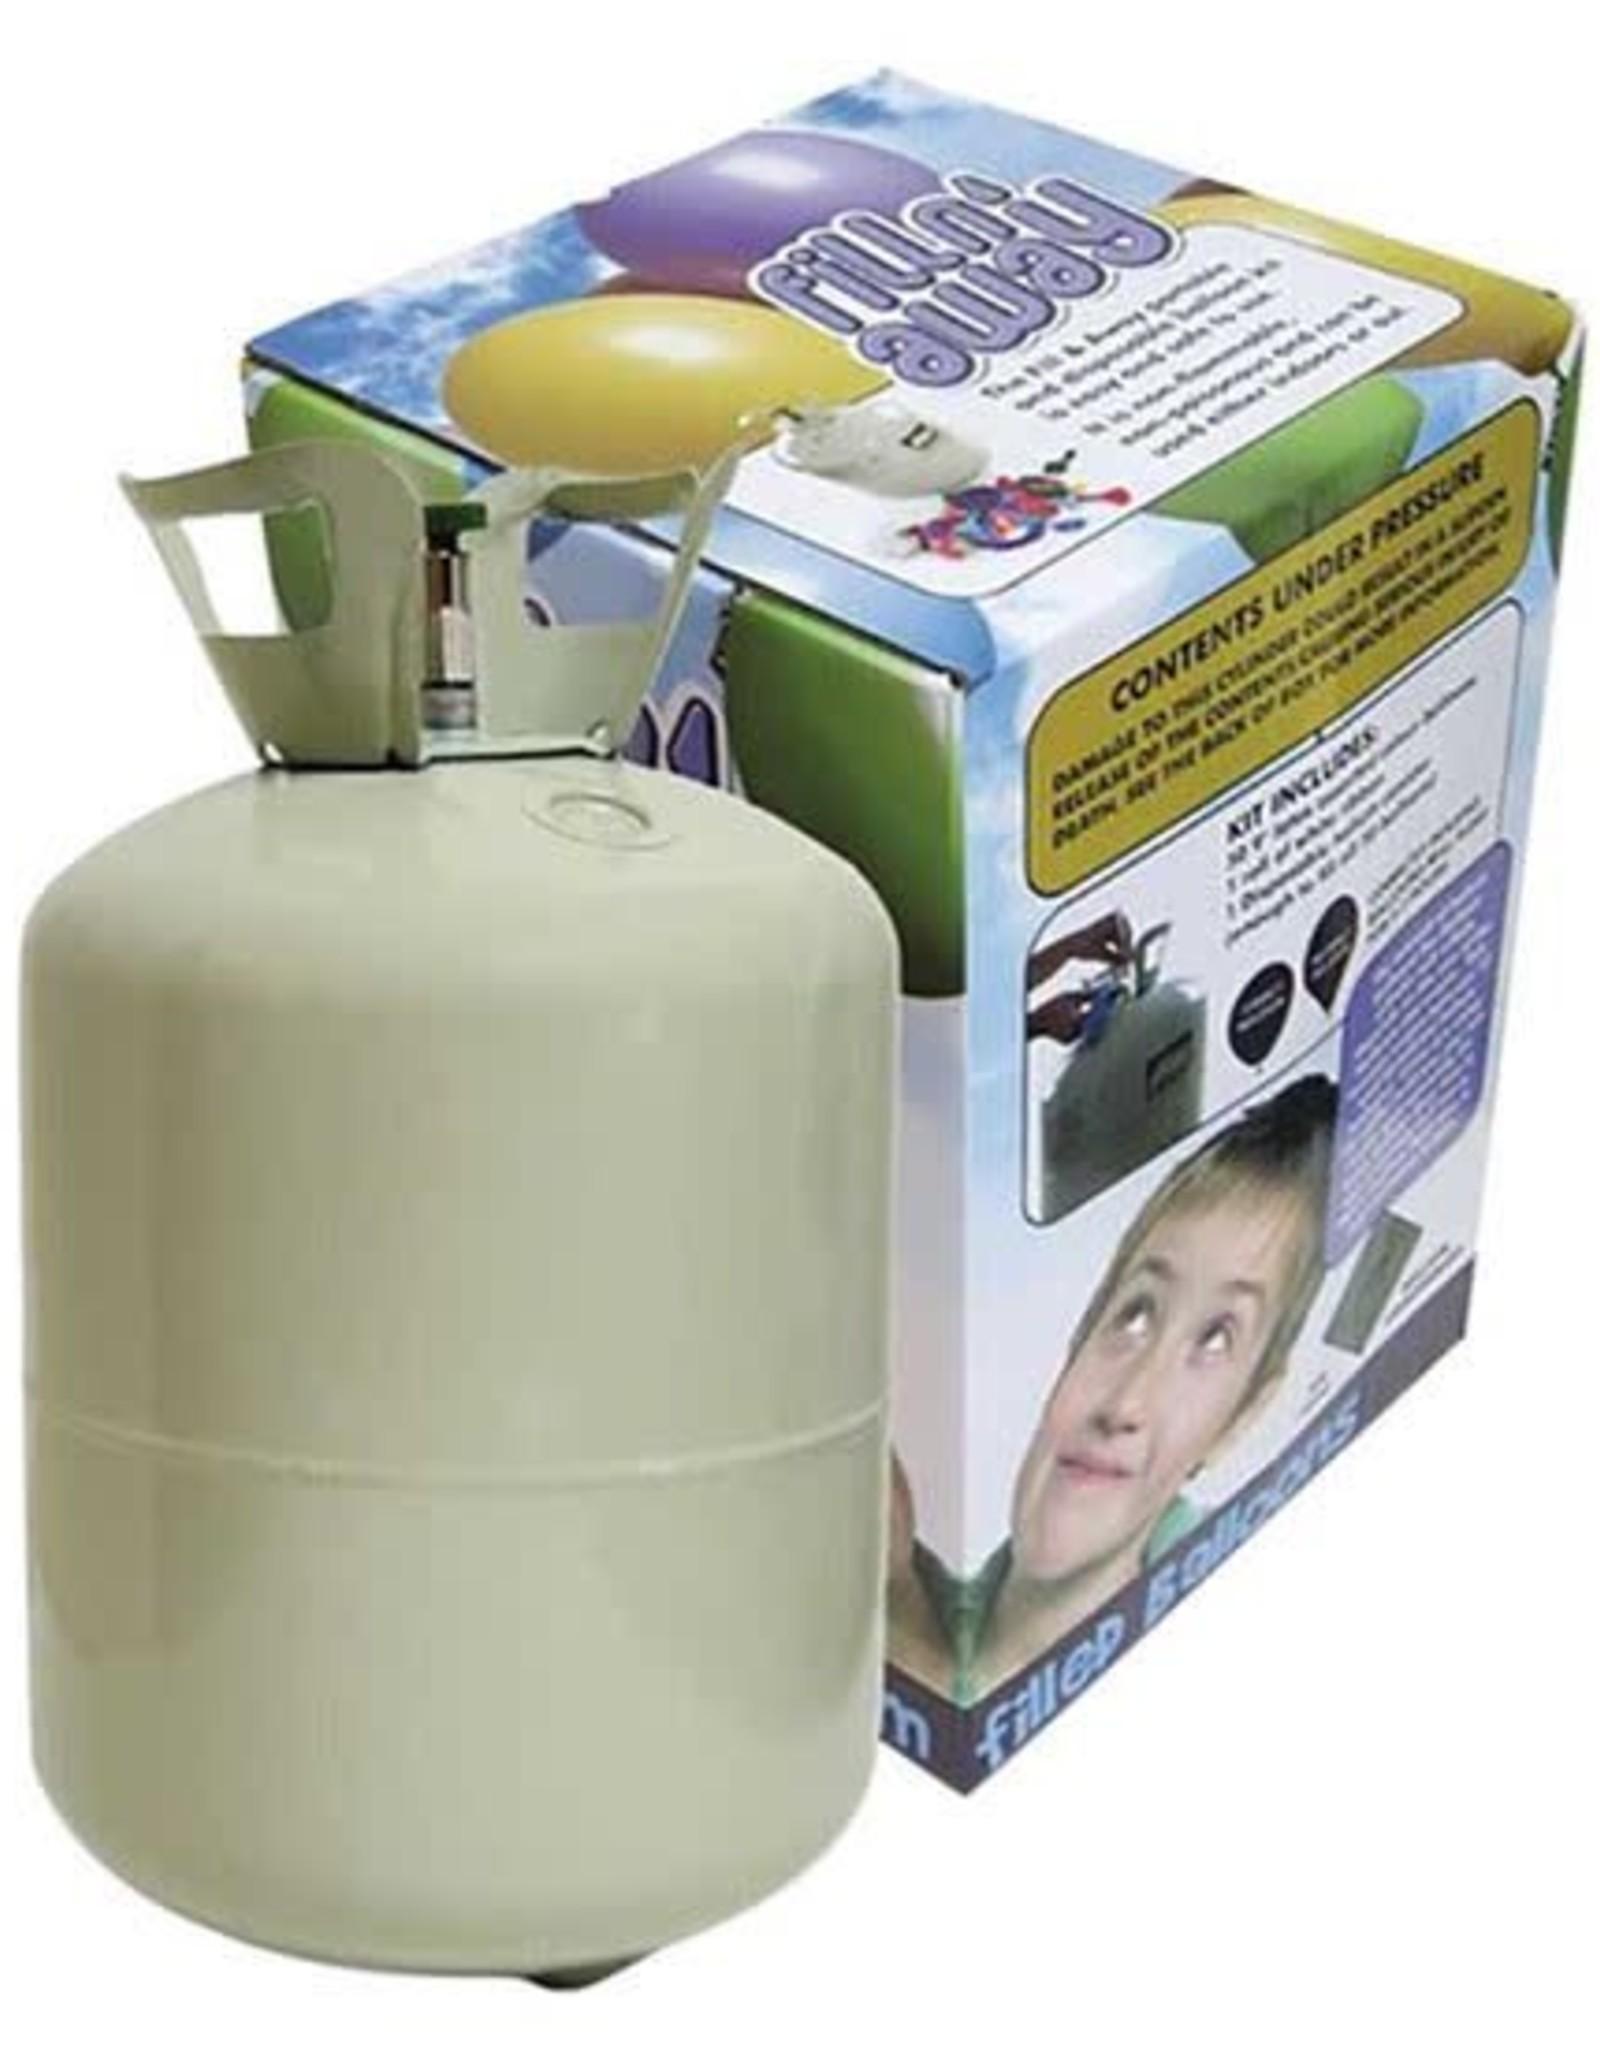 WITBAARD heliumcylinder voor 50 ballonnen